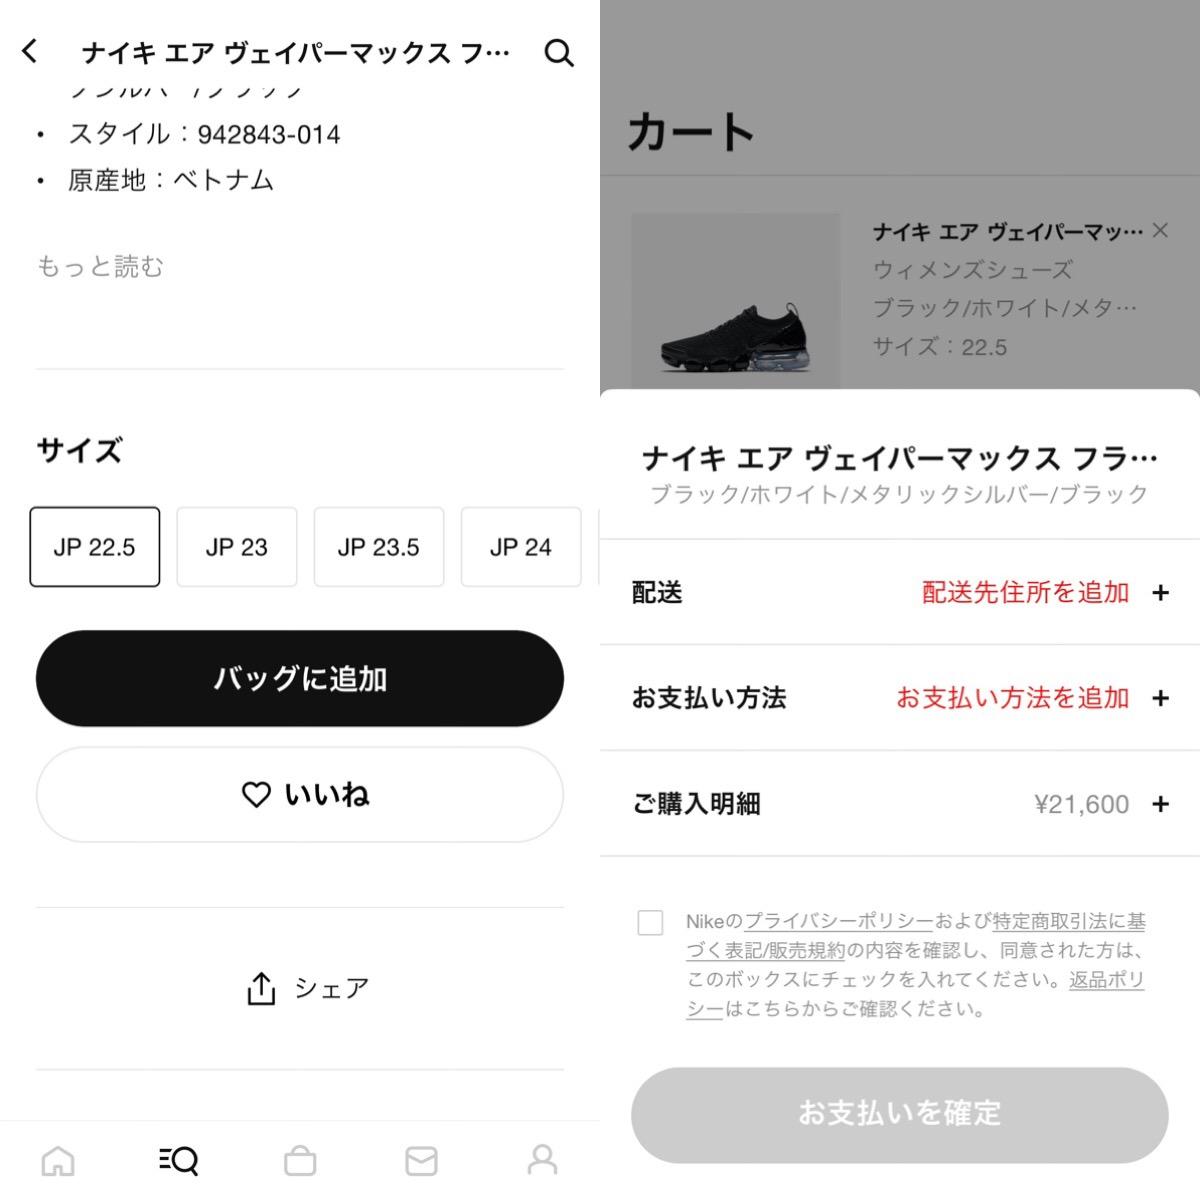 画像2: 欲しいものはアプリからお買い物!スニーカーを買ってみました。